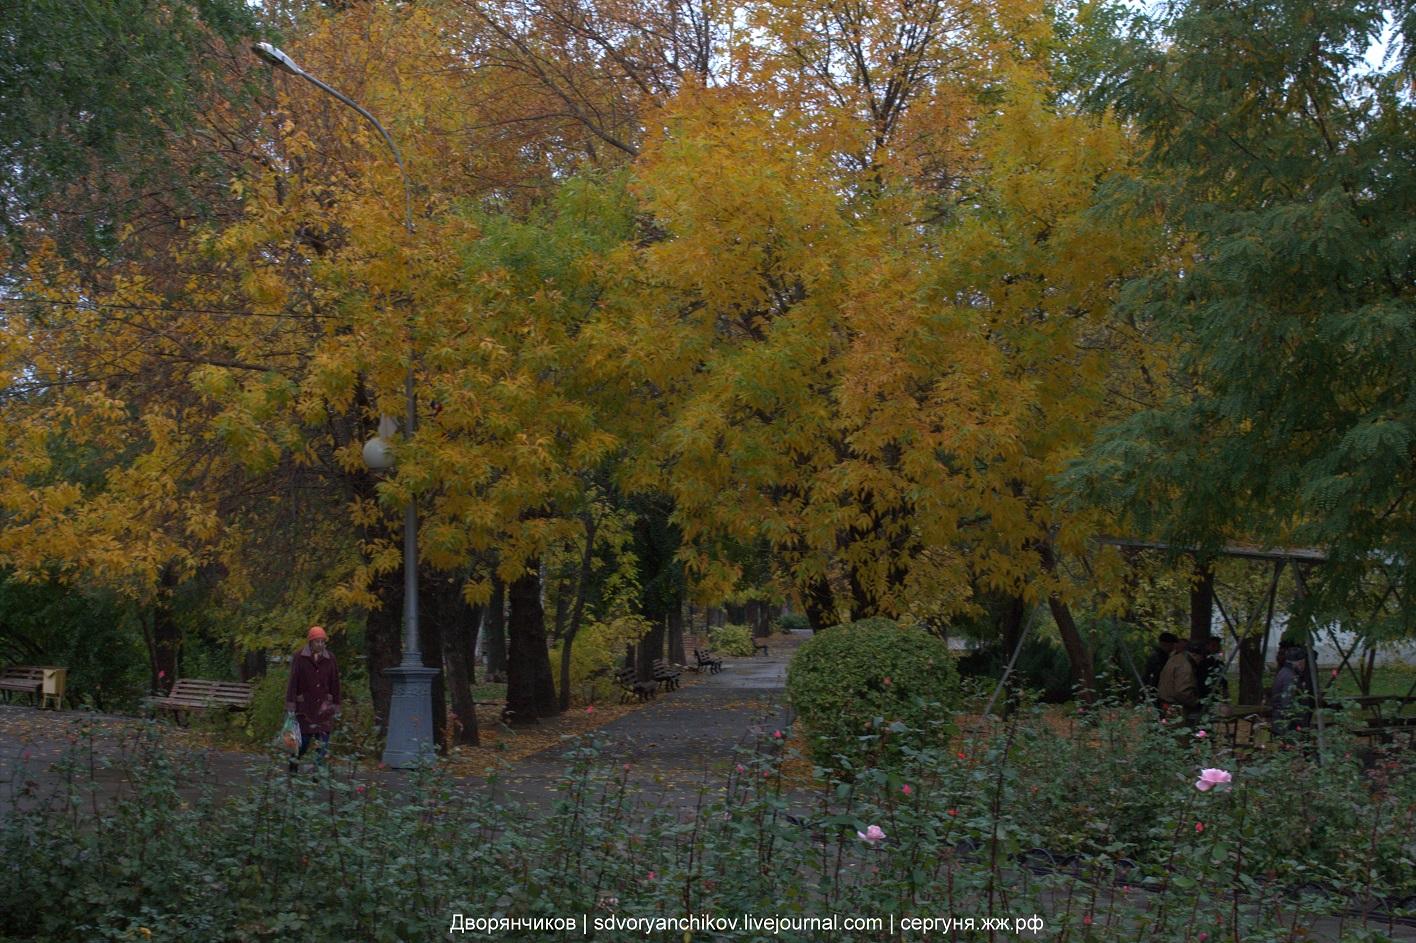 Осень - Парк ВГС - Волжский - 14 октября 2016